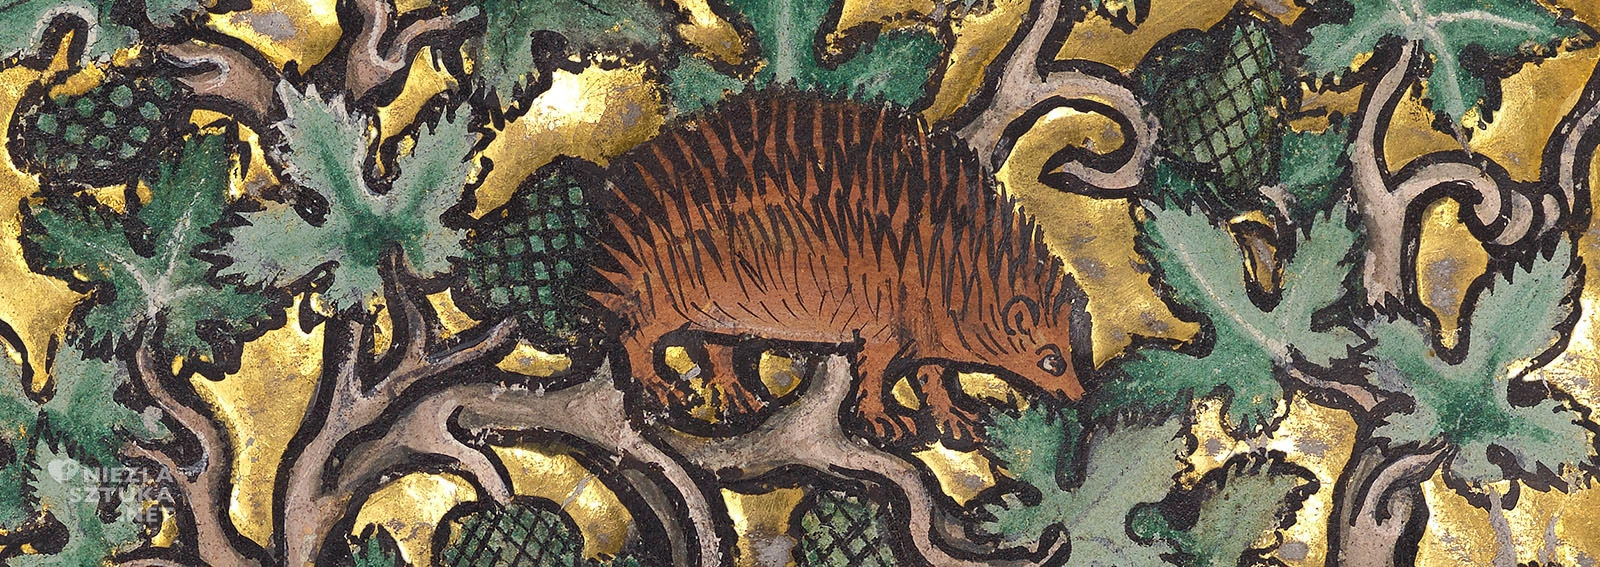 Bestiariusze, jeż, zwierzęta, średniowiecze, Niezła Sztuka